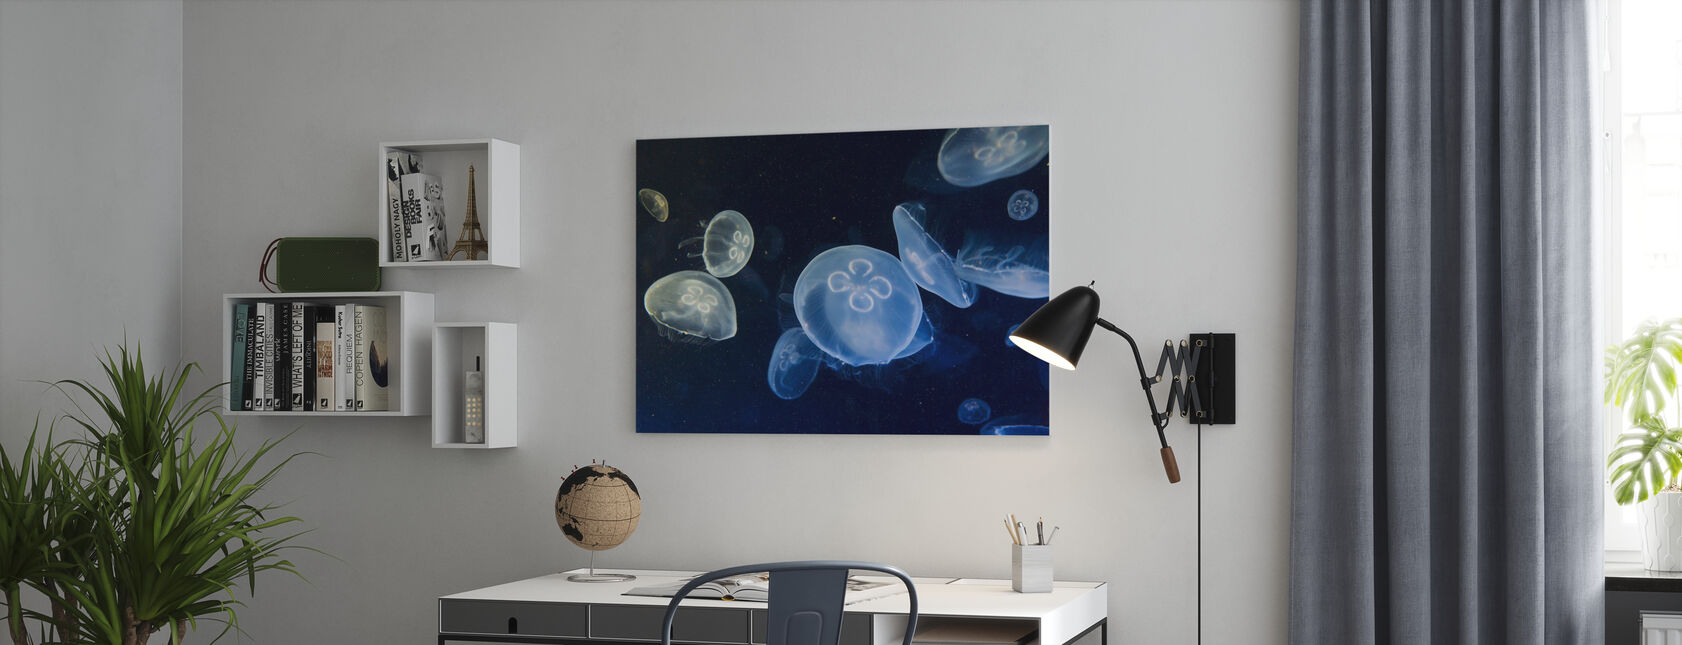 Drijvende kwallen - Canvas print - Kantoor